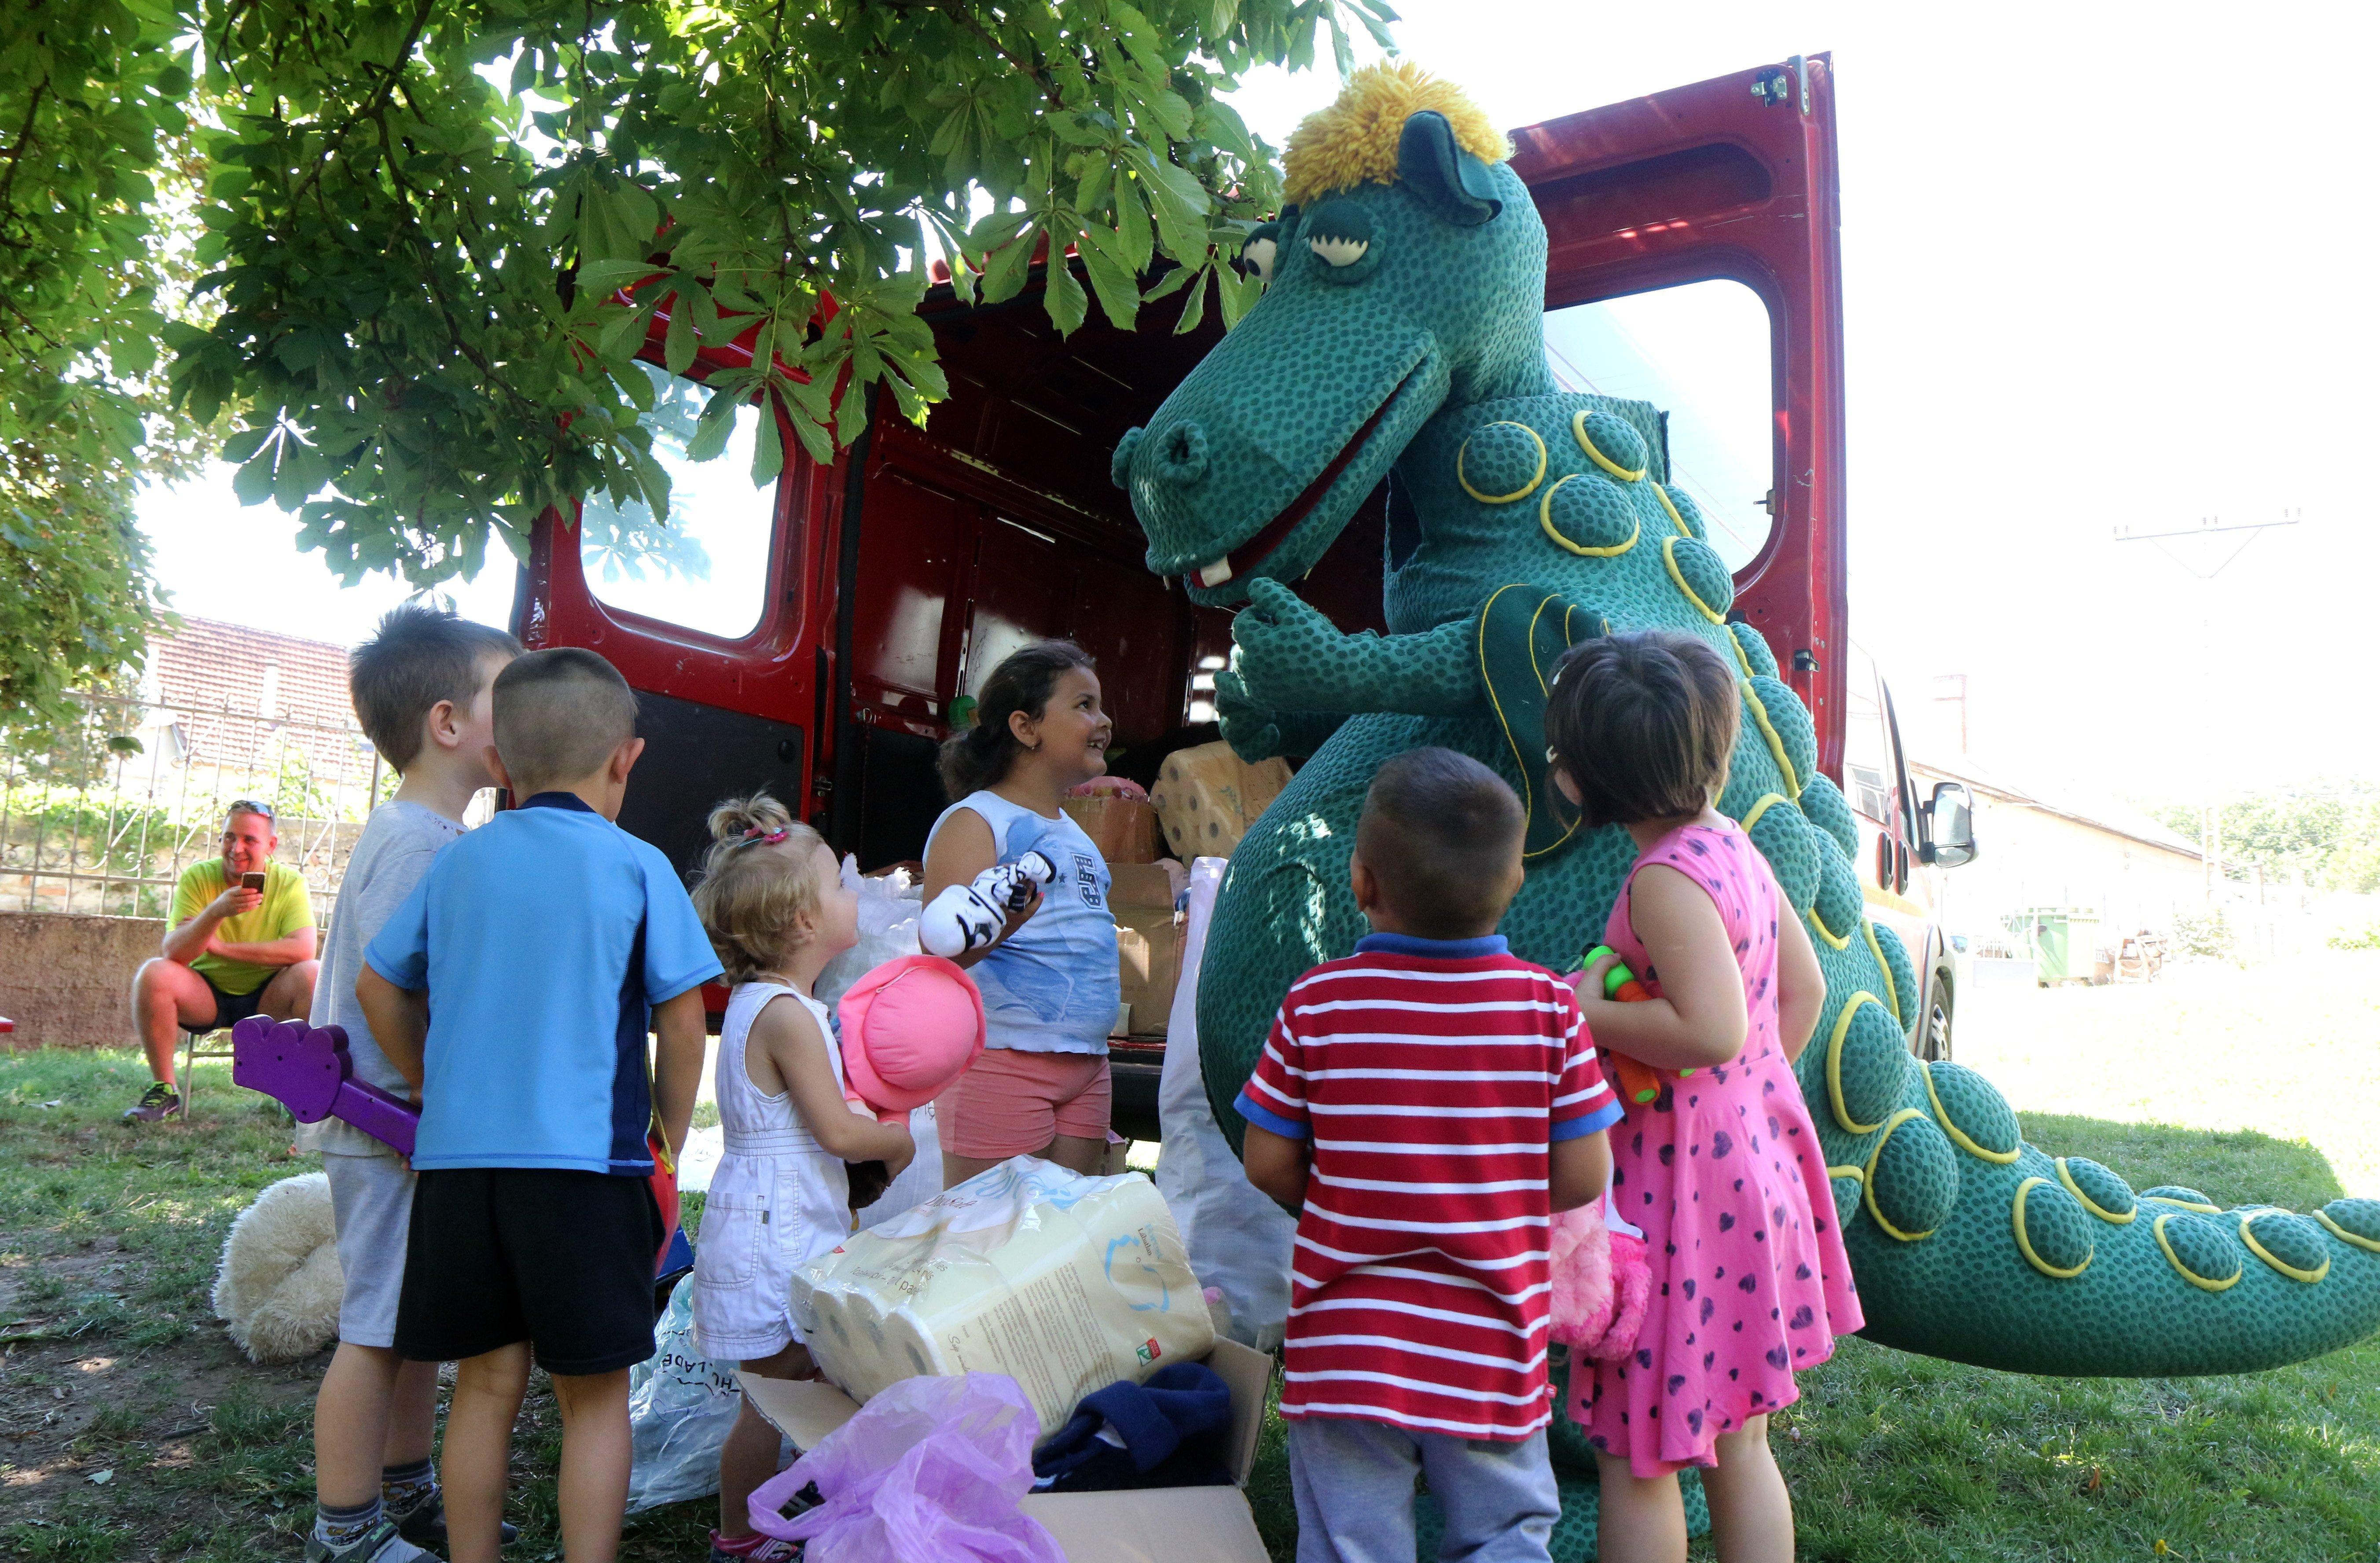 Süsü, a sárkány vitt ajándékokat a hátrányos helyzetű gyerekeknek